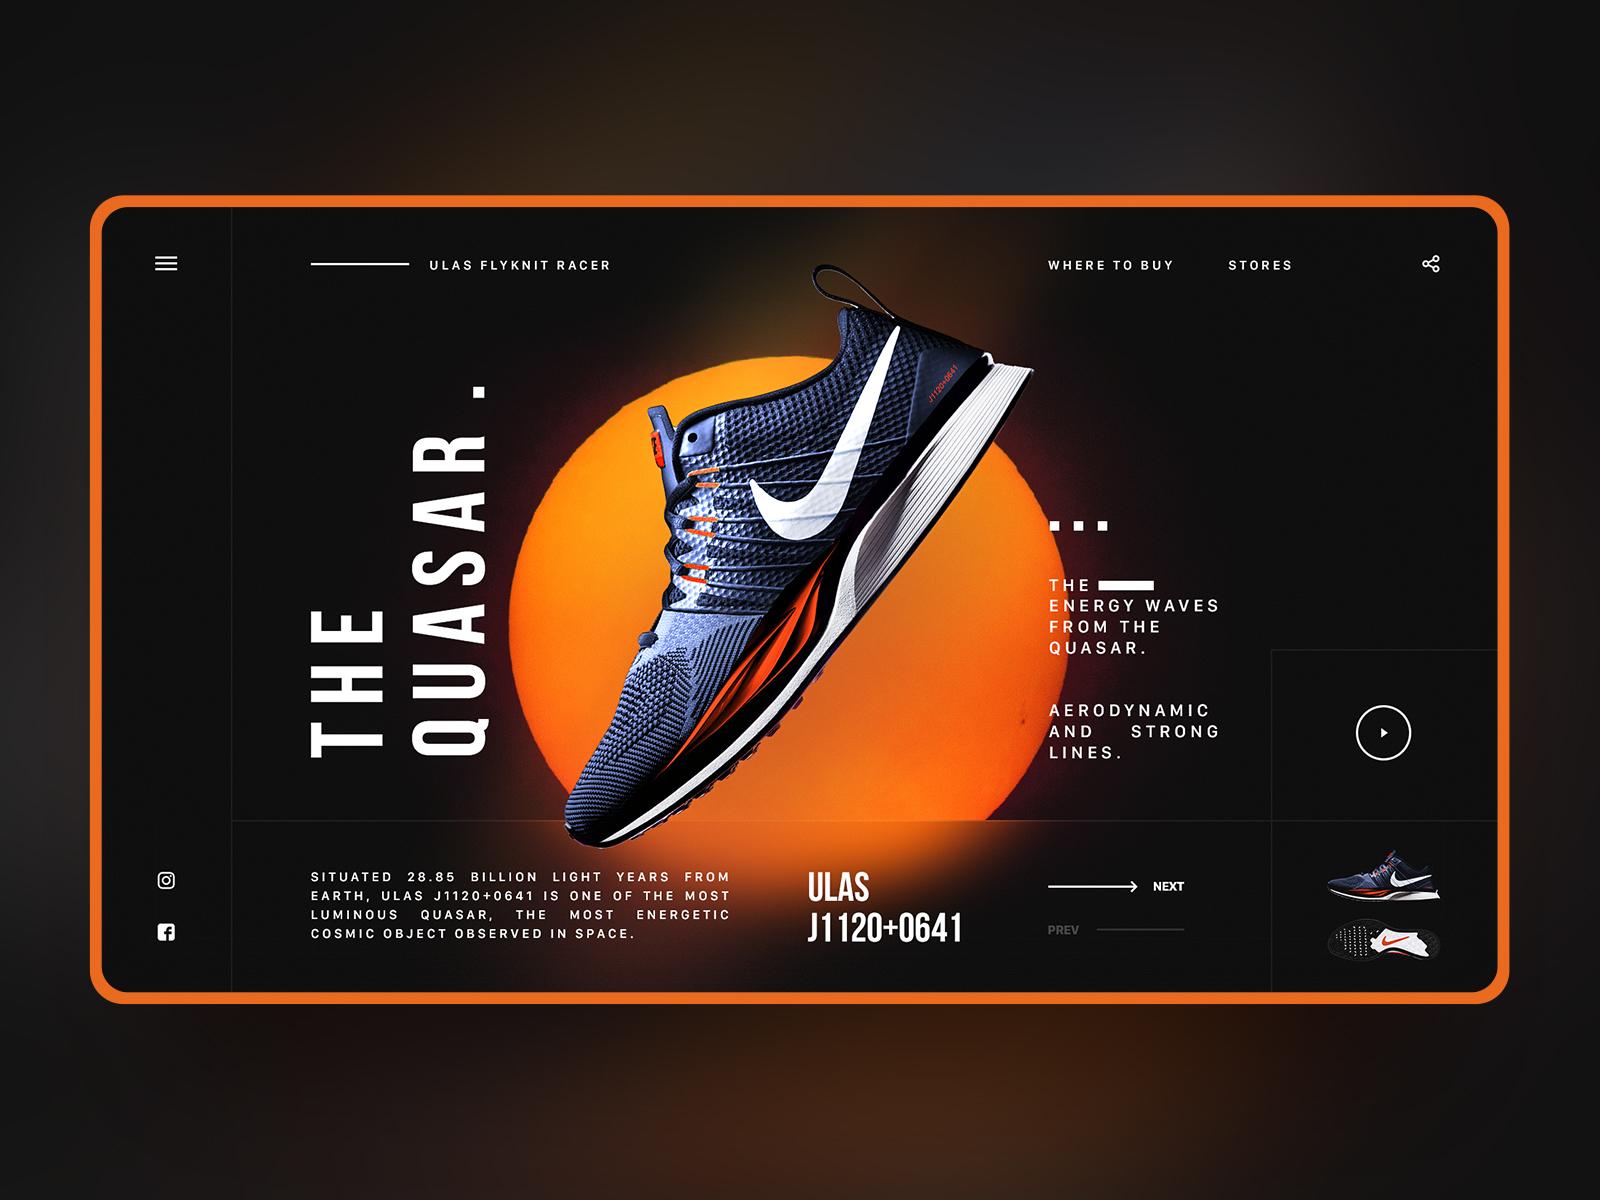 The quasar